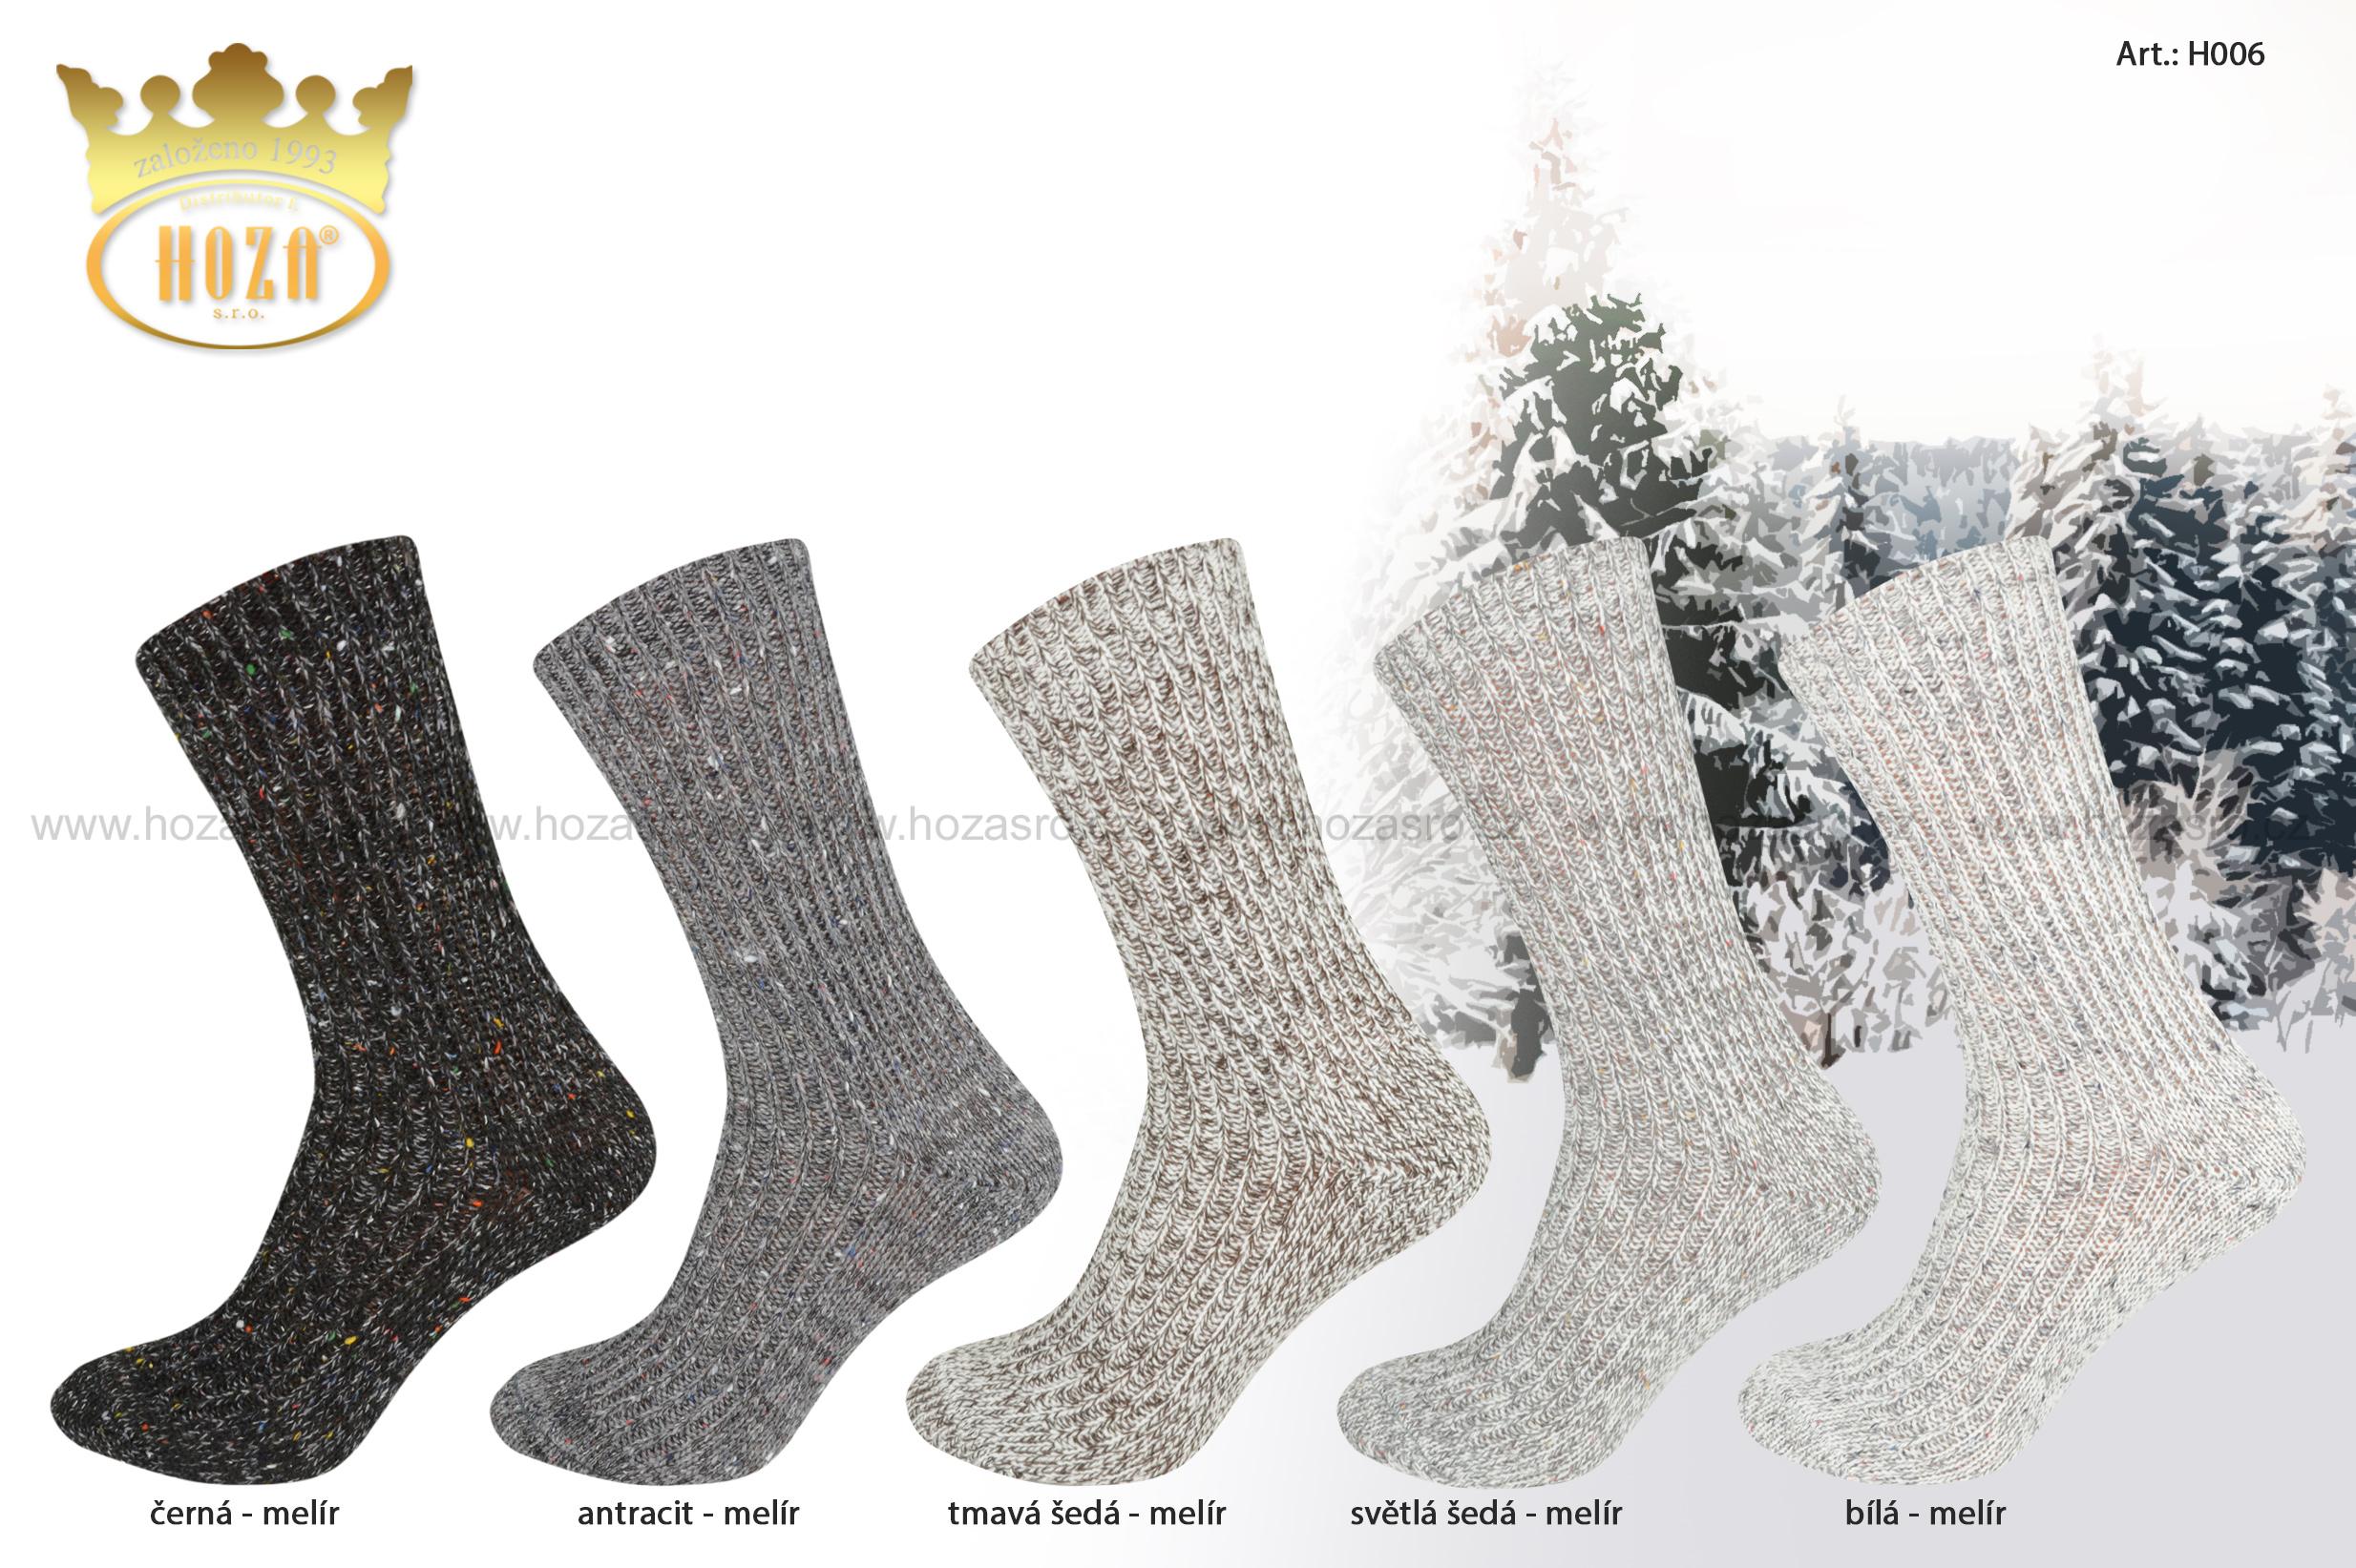 Dámské zimní ponožky HOZA Lída - melír mix - H006